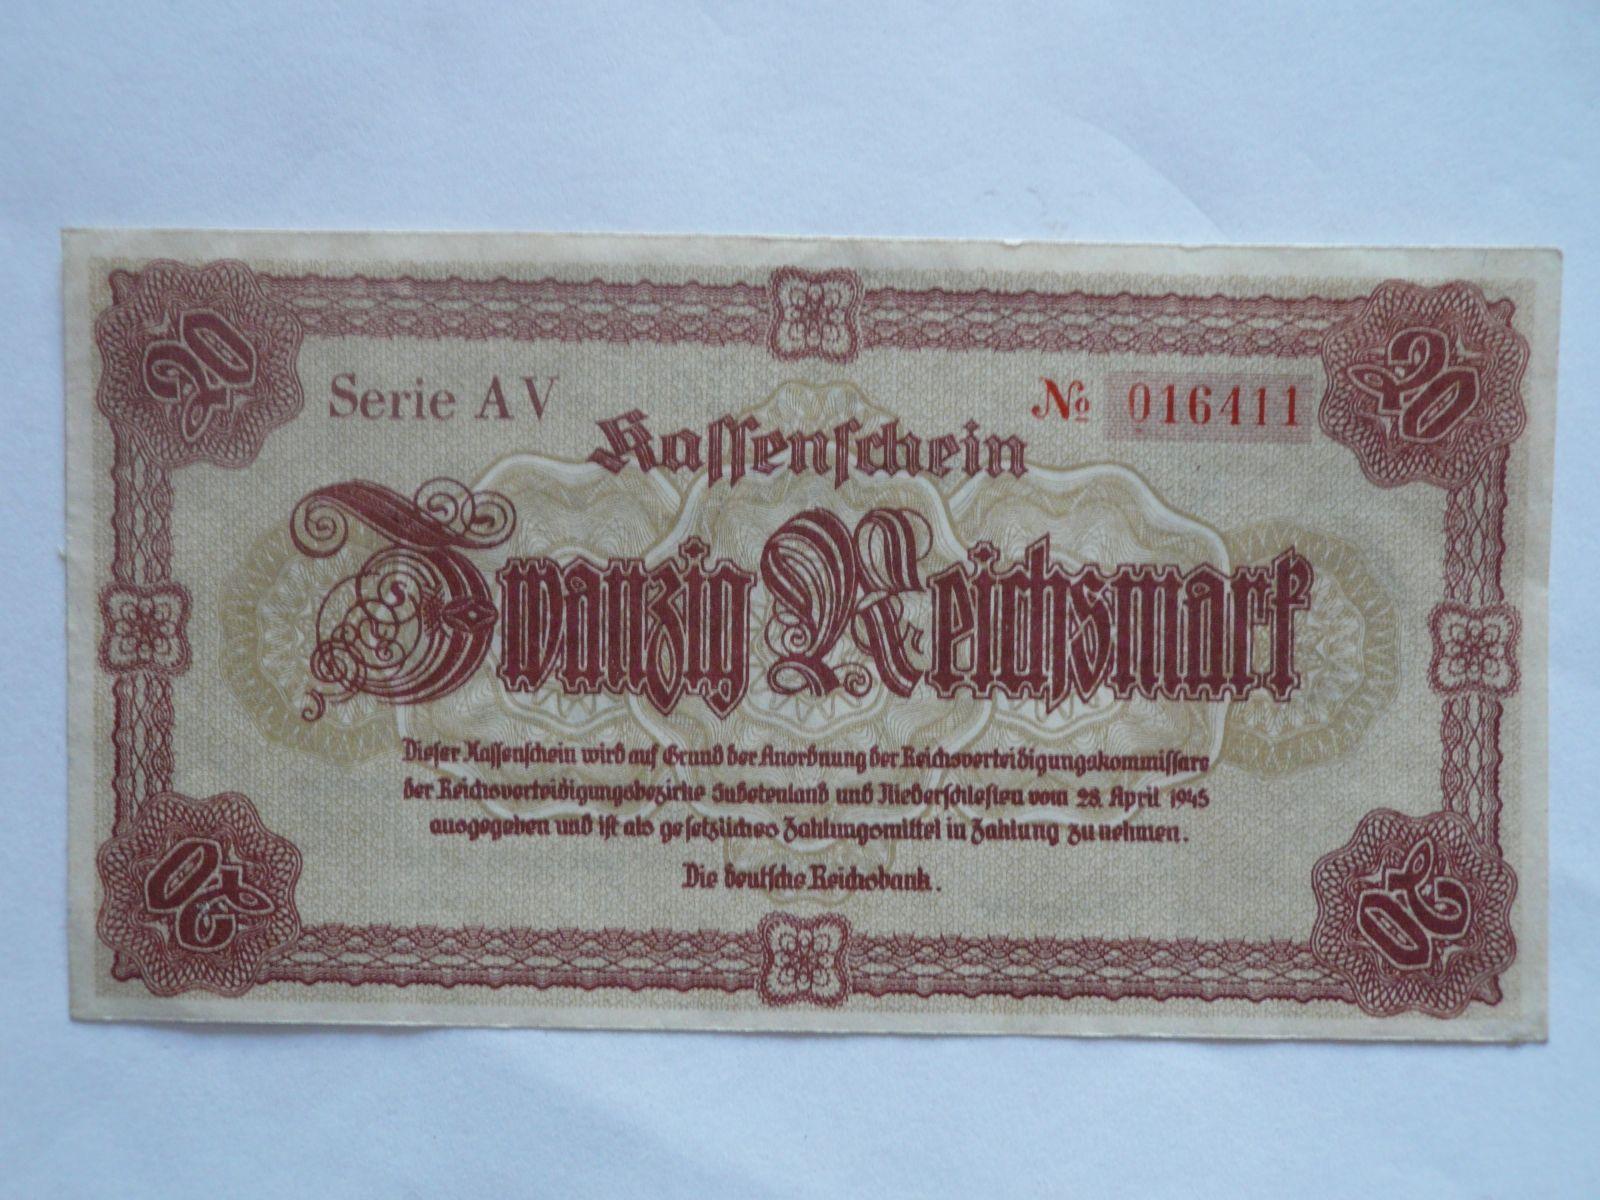 20 Reichsmark, Německo, Liberec, 1945